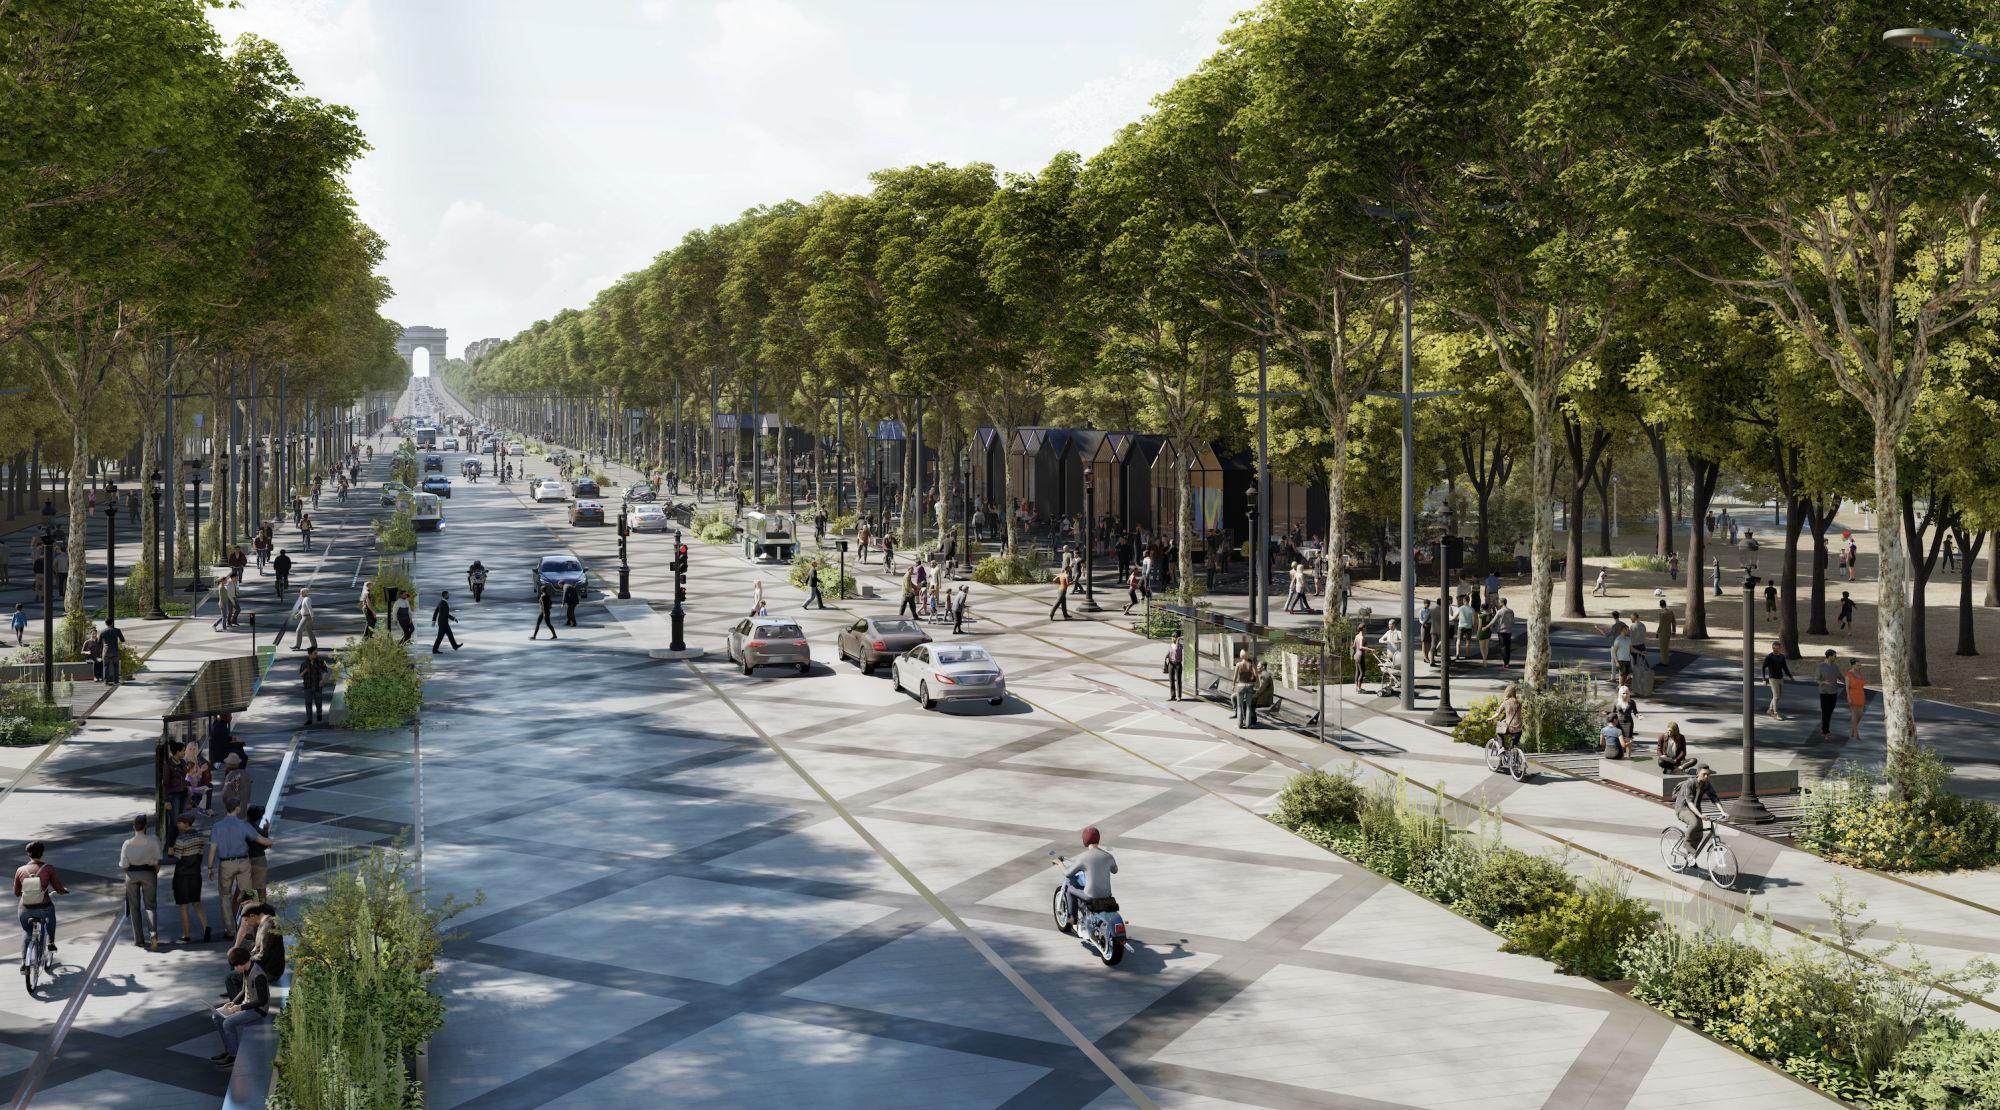 Paris Dreams of a Calmer, Greener Champs Elysées Photo